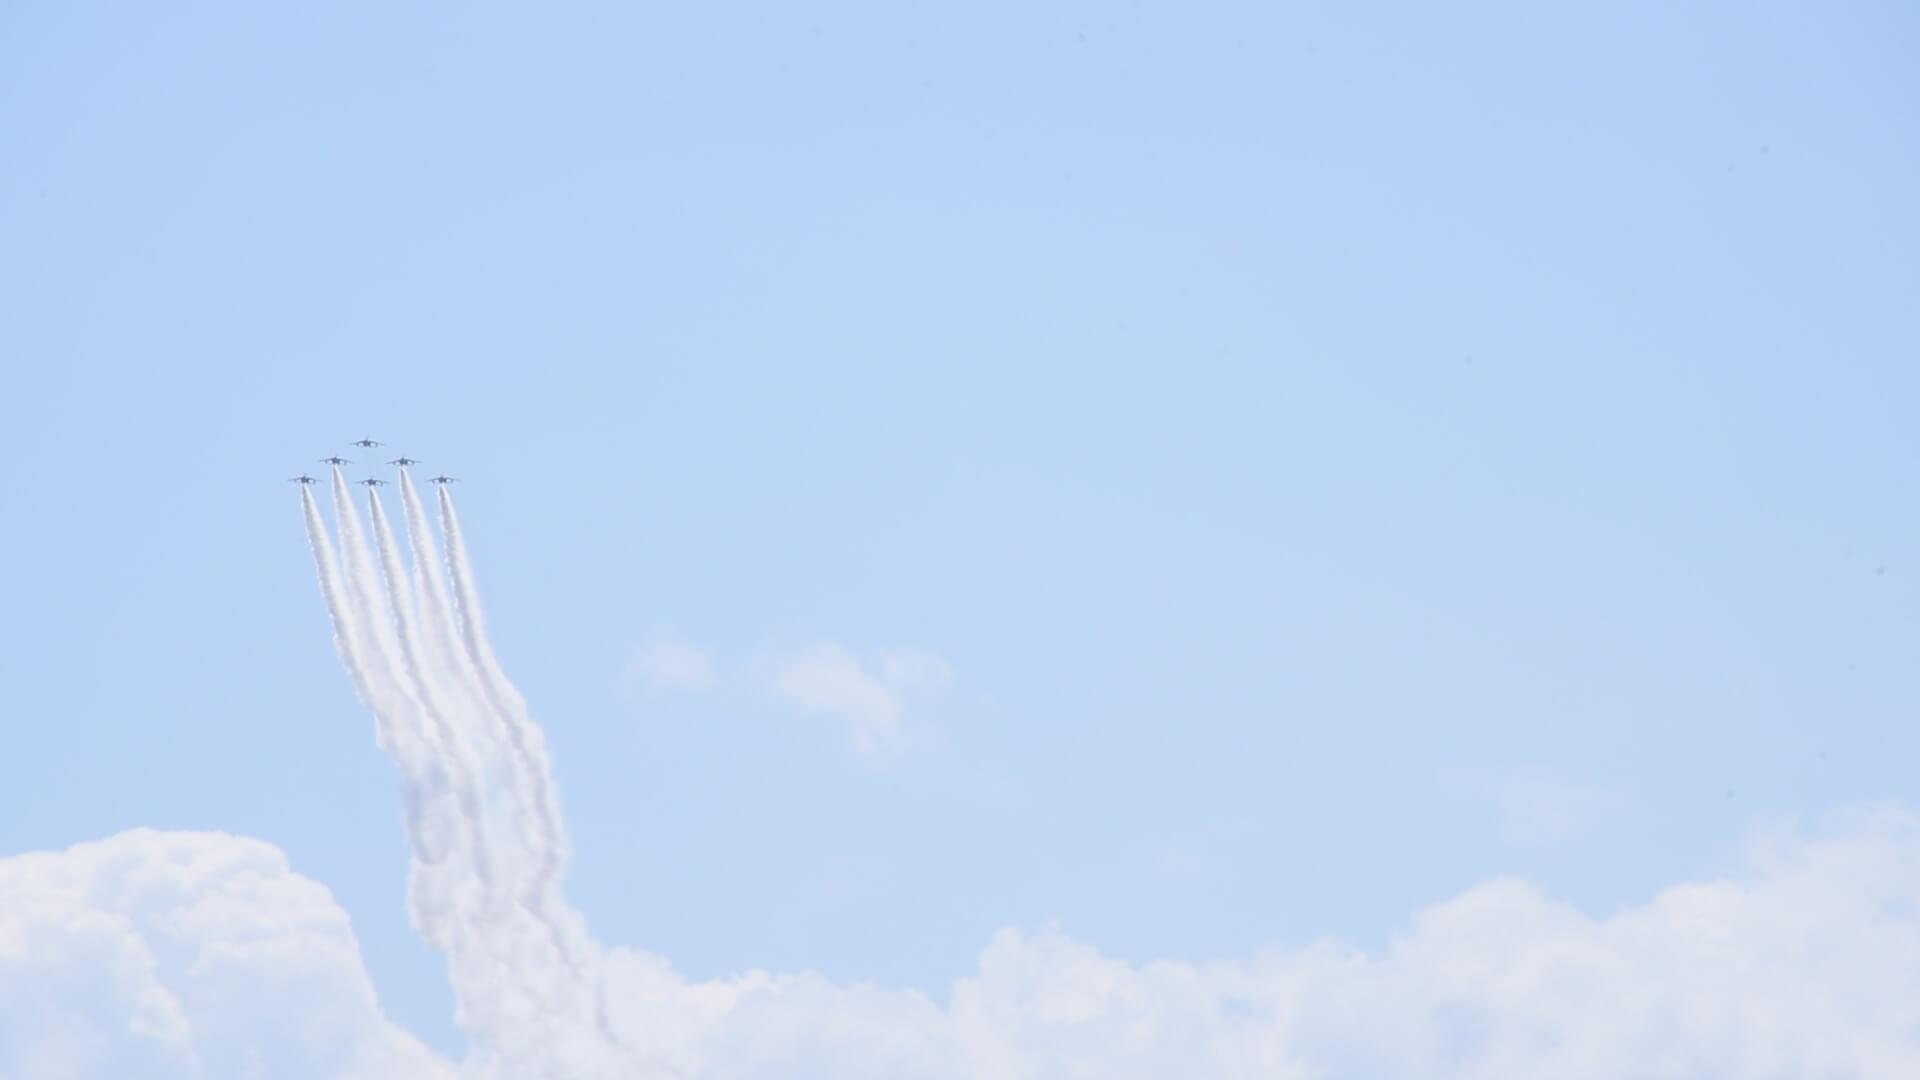 瀬戸大橋上空を飛来するブルーインパルスの写真